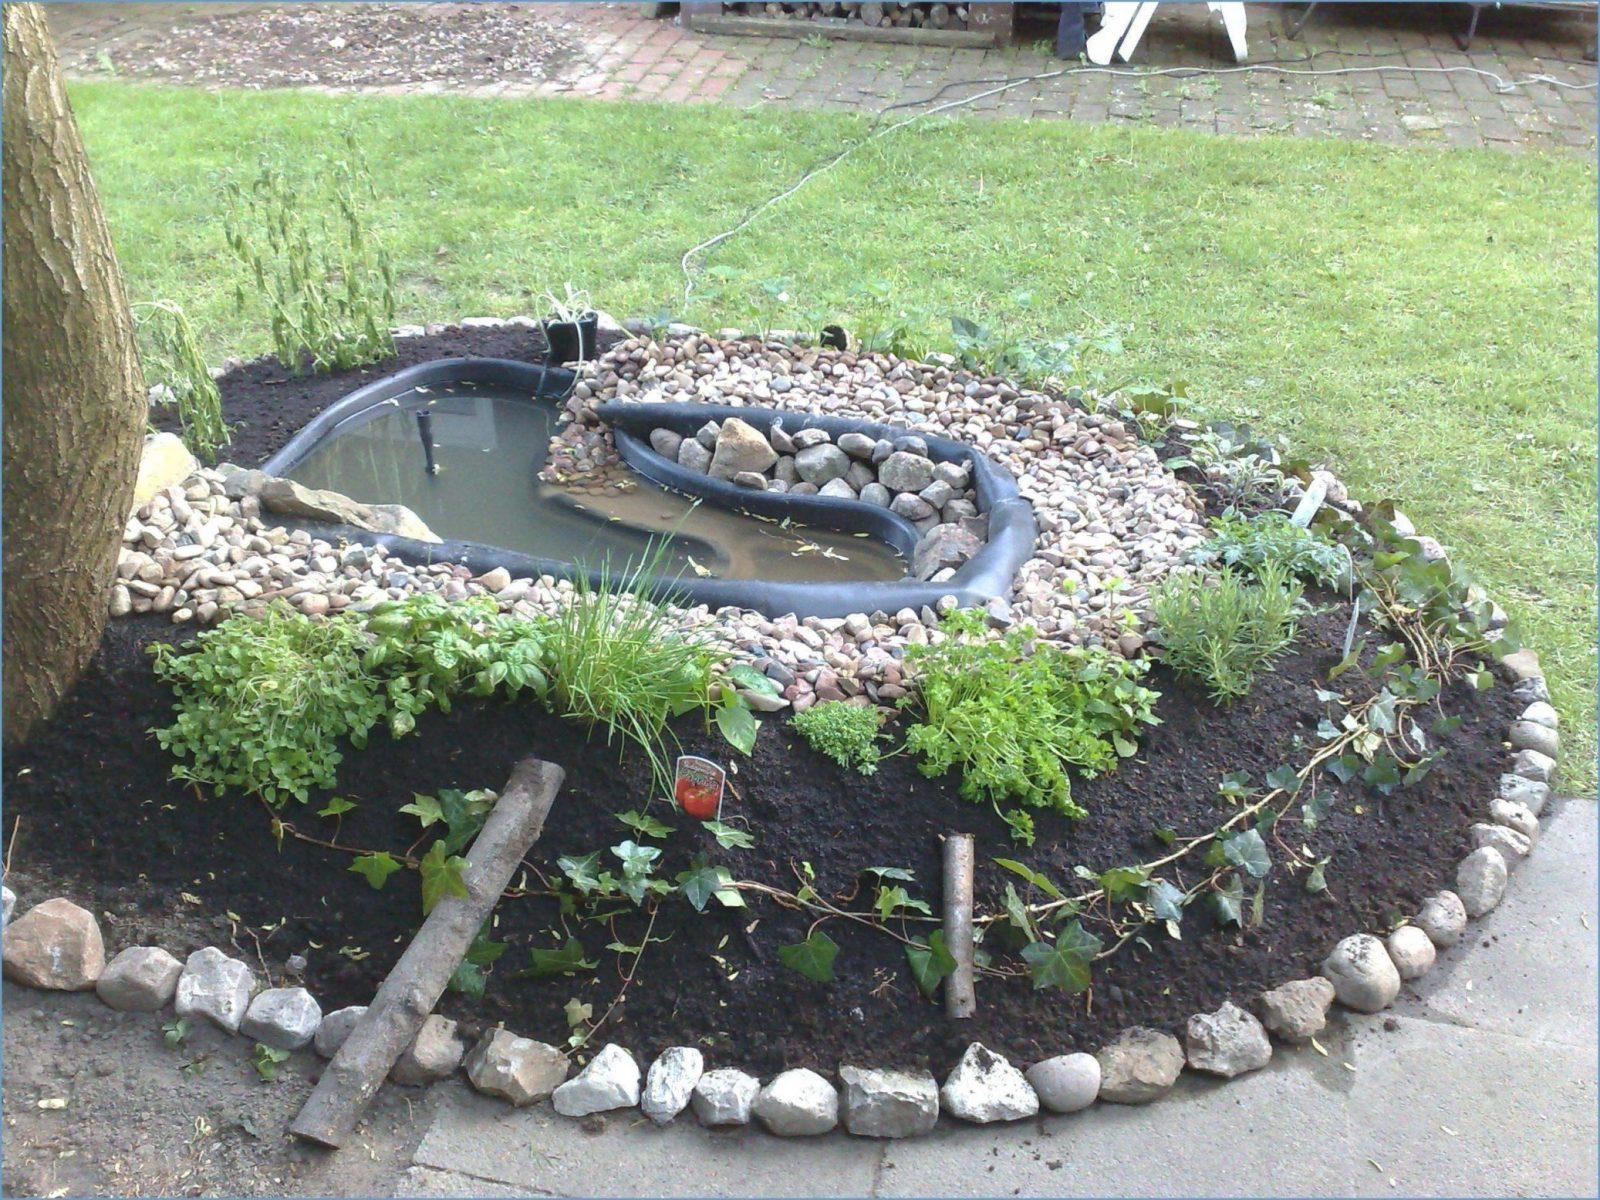 40 Das Beste Von Garten Springbrunnen Selber Bauen Schema Von Steine von Garten Springbrunnen Selber Bauen Bild